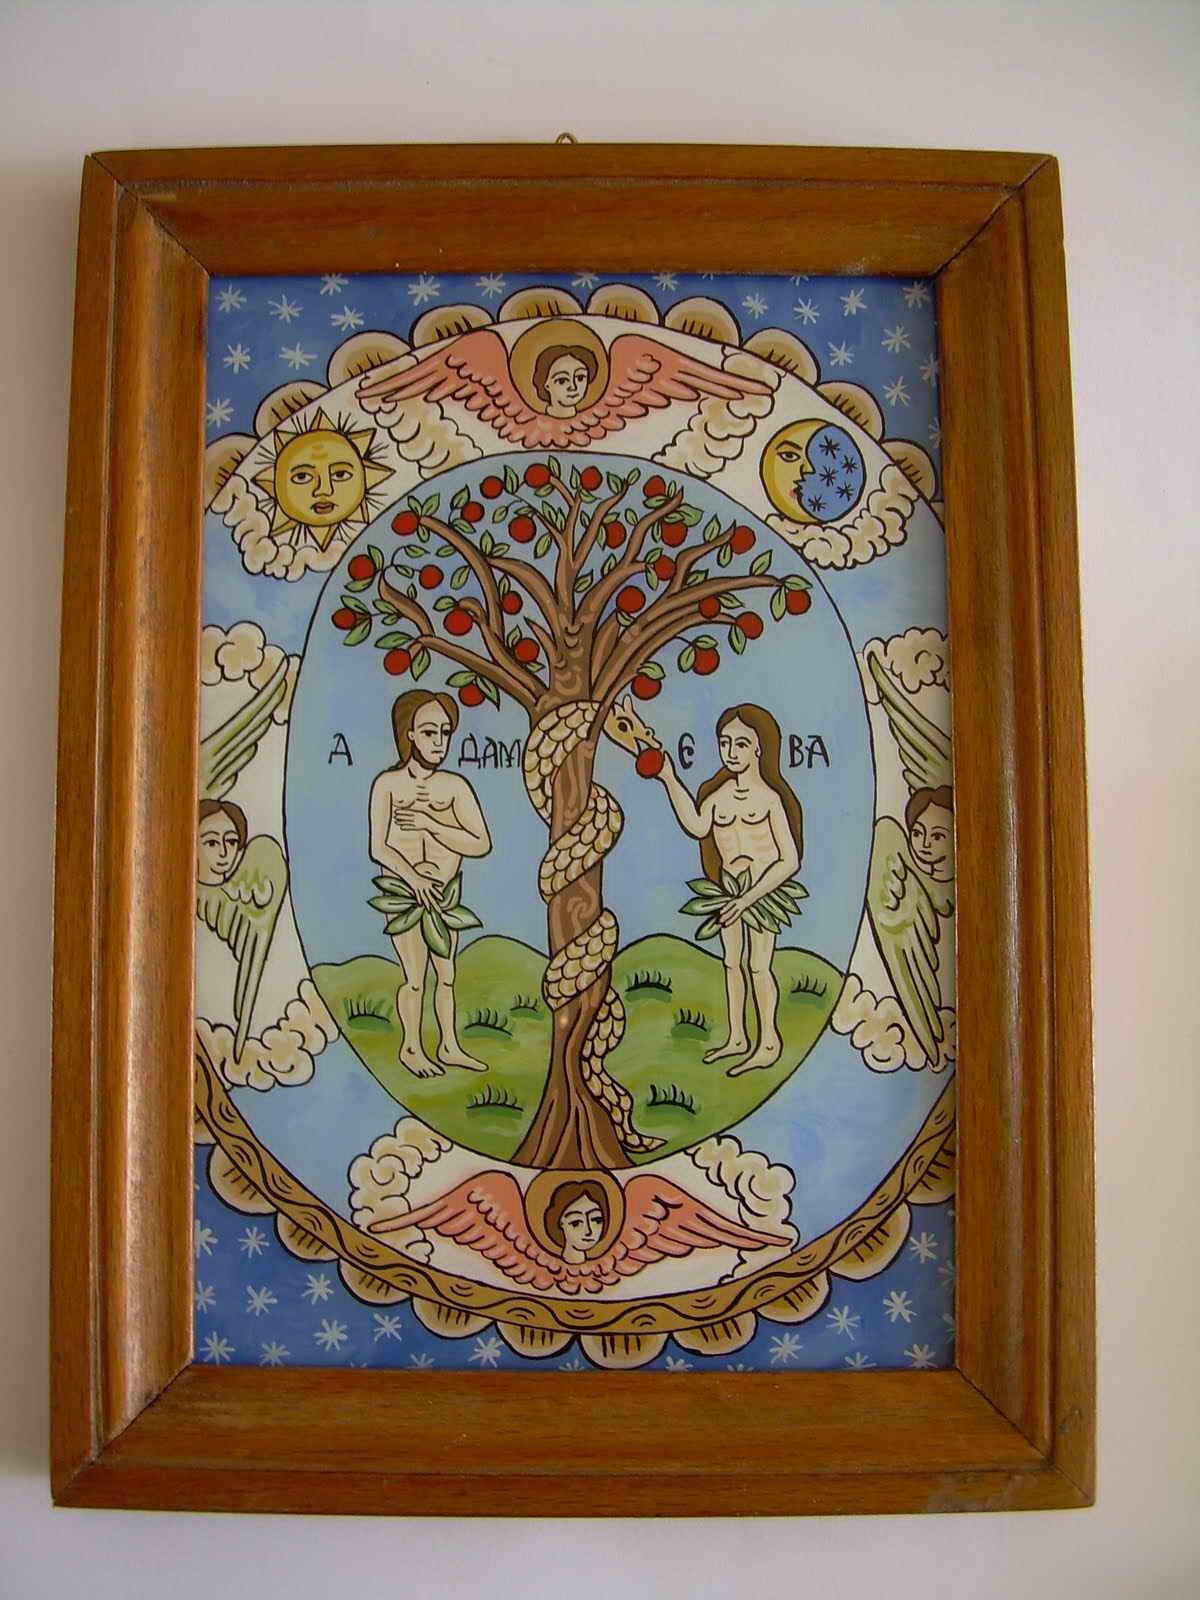 Raiul lui Adam şi Eva